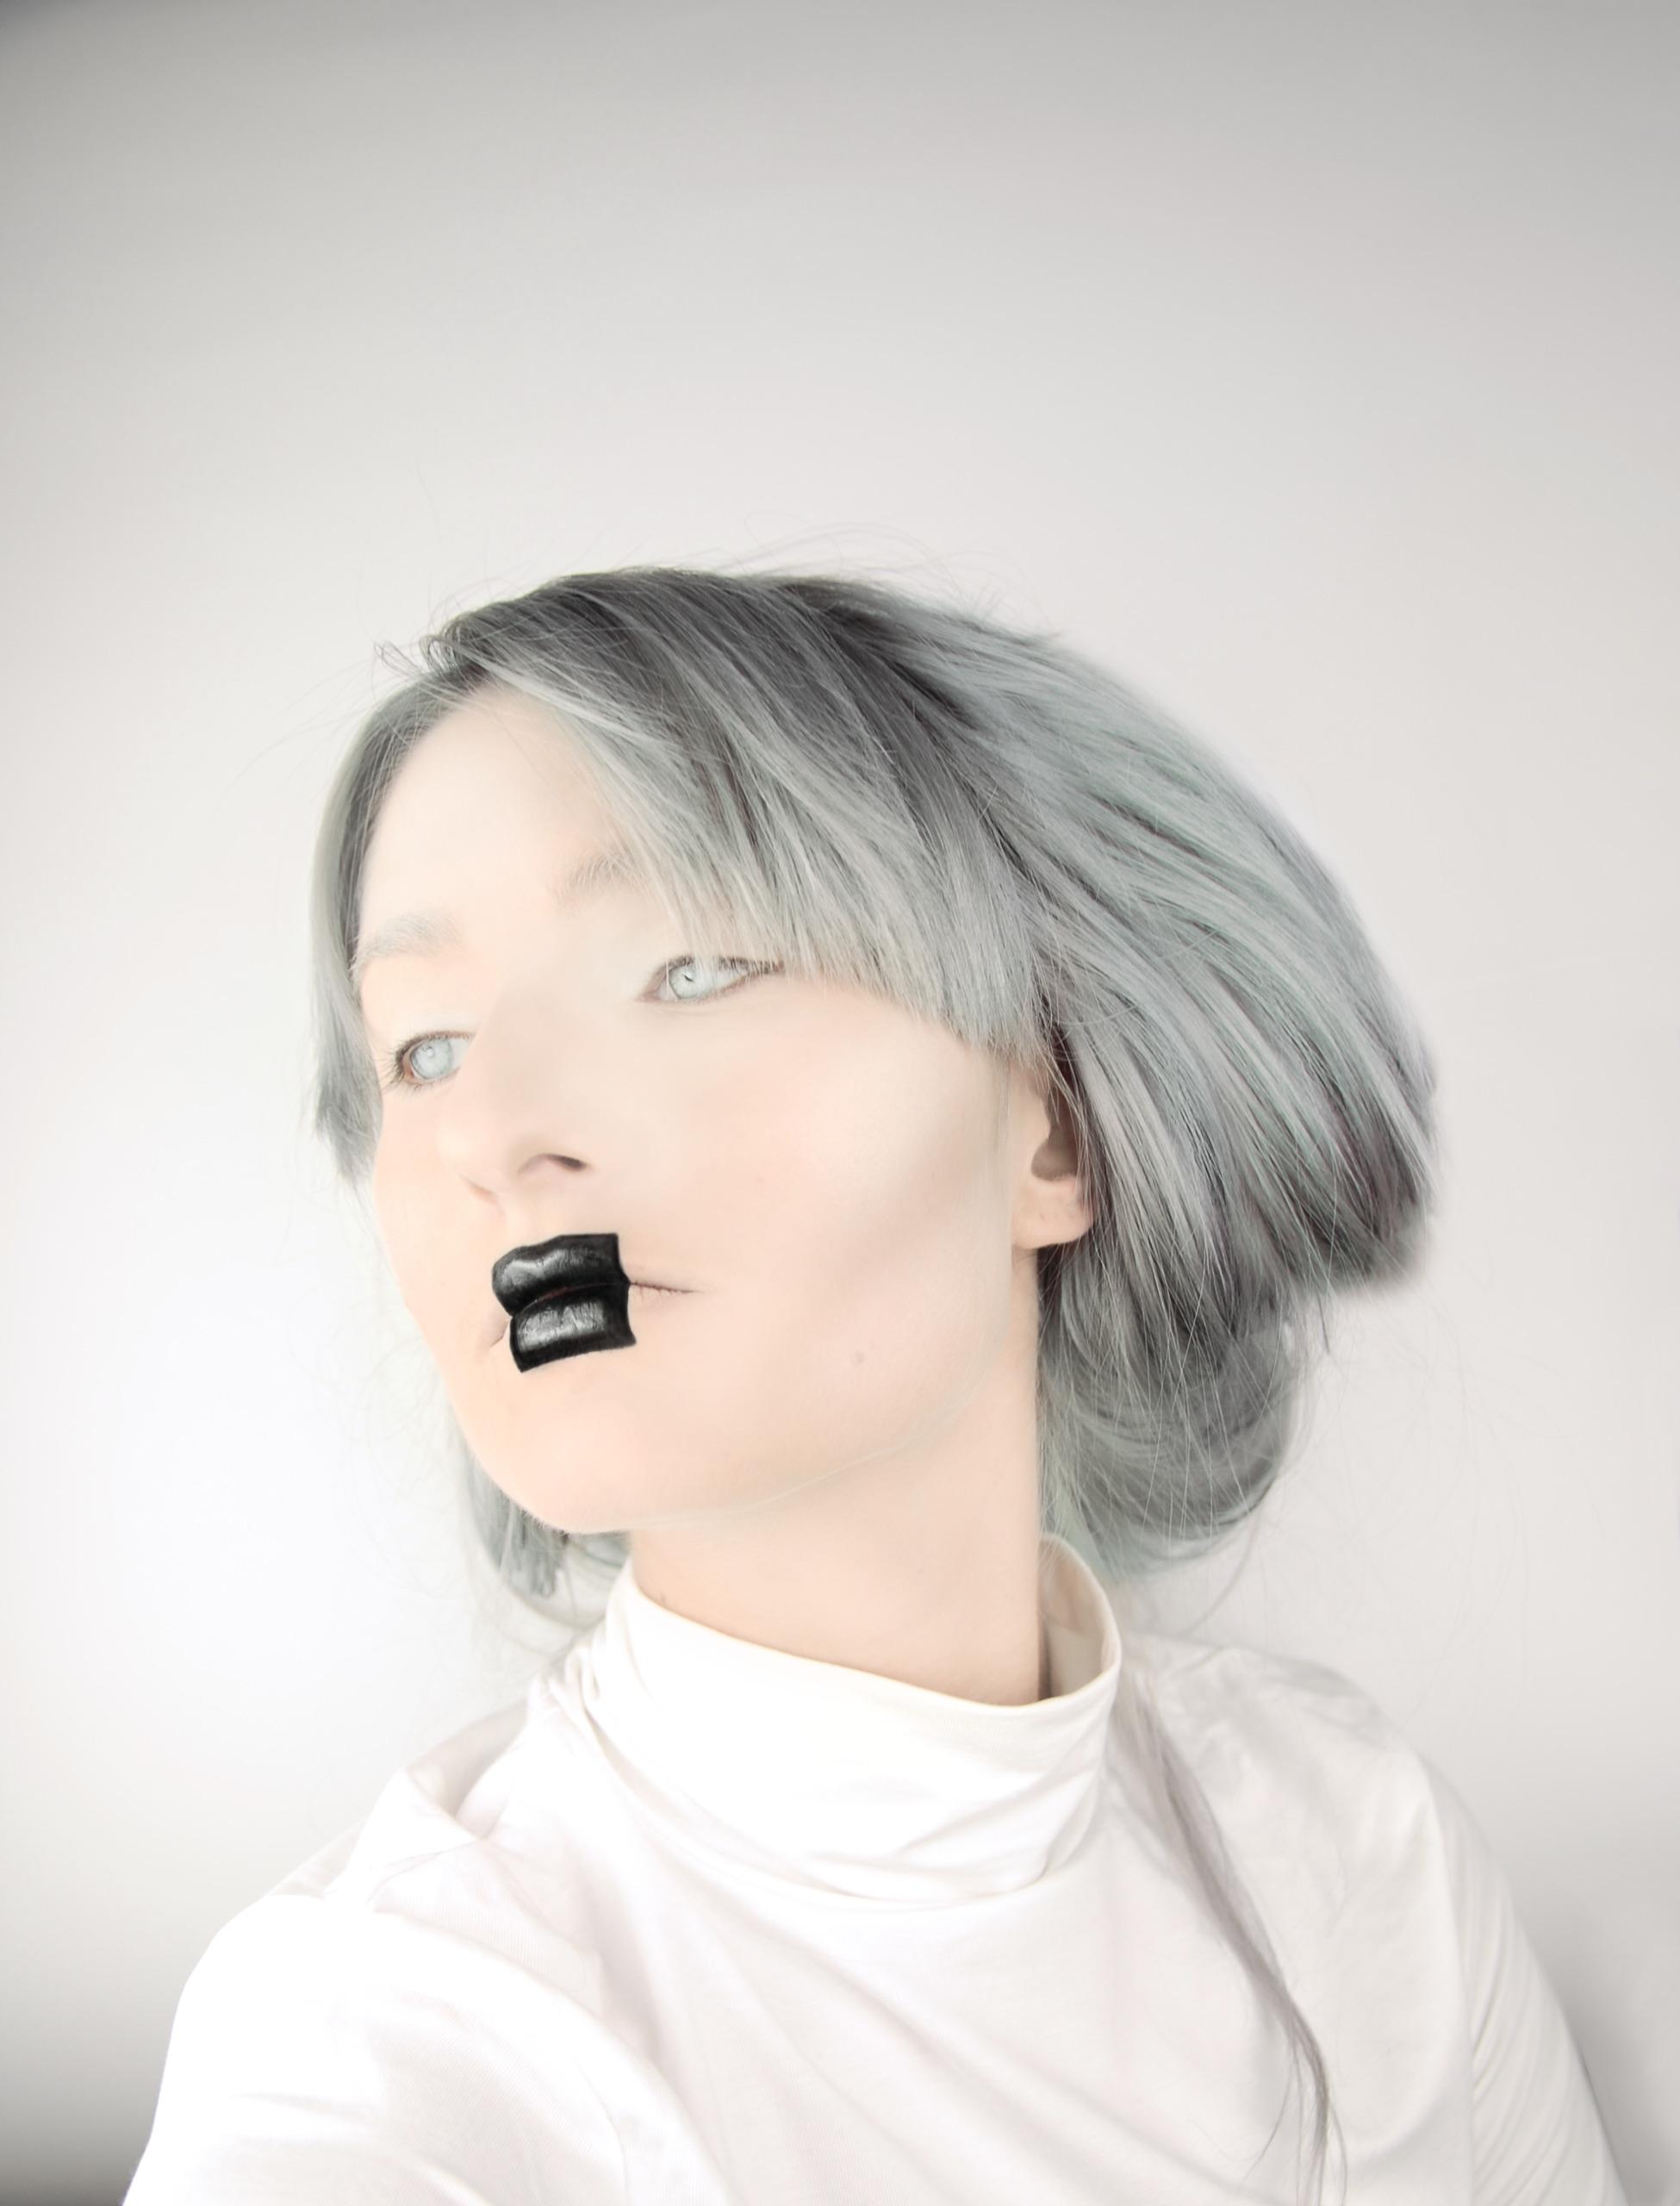 Make-up inspirowany obrazem. 'Czarny_kwadrat_na_białym_tle' by Kazimierz Malewicz